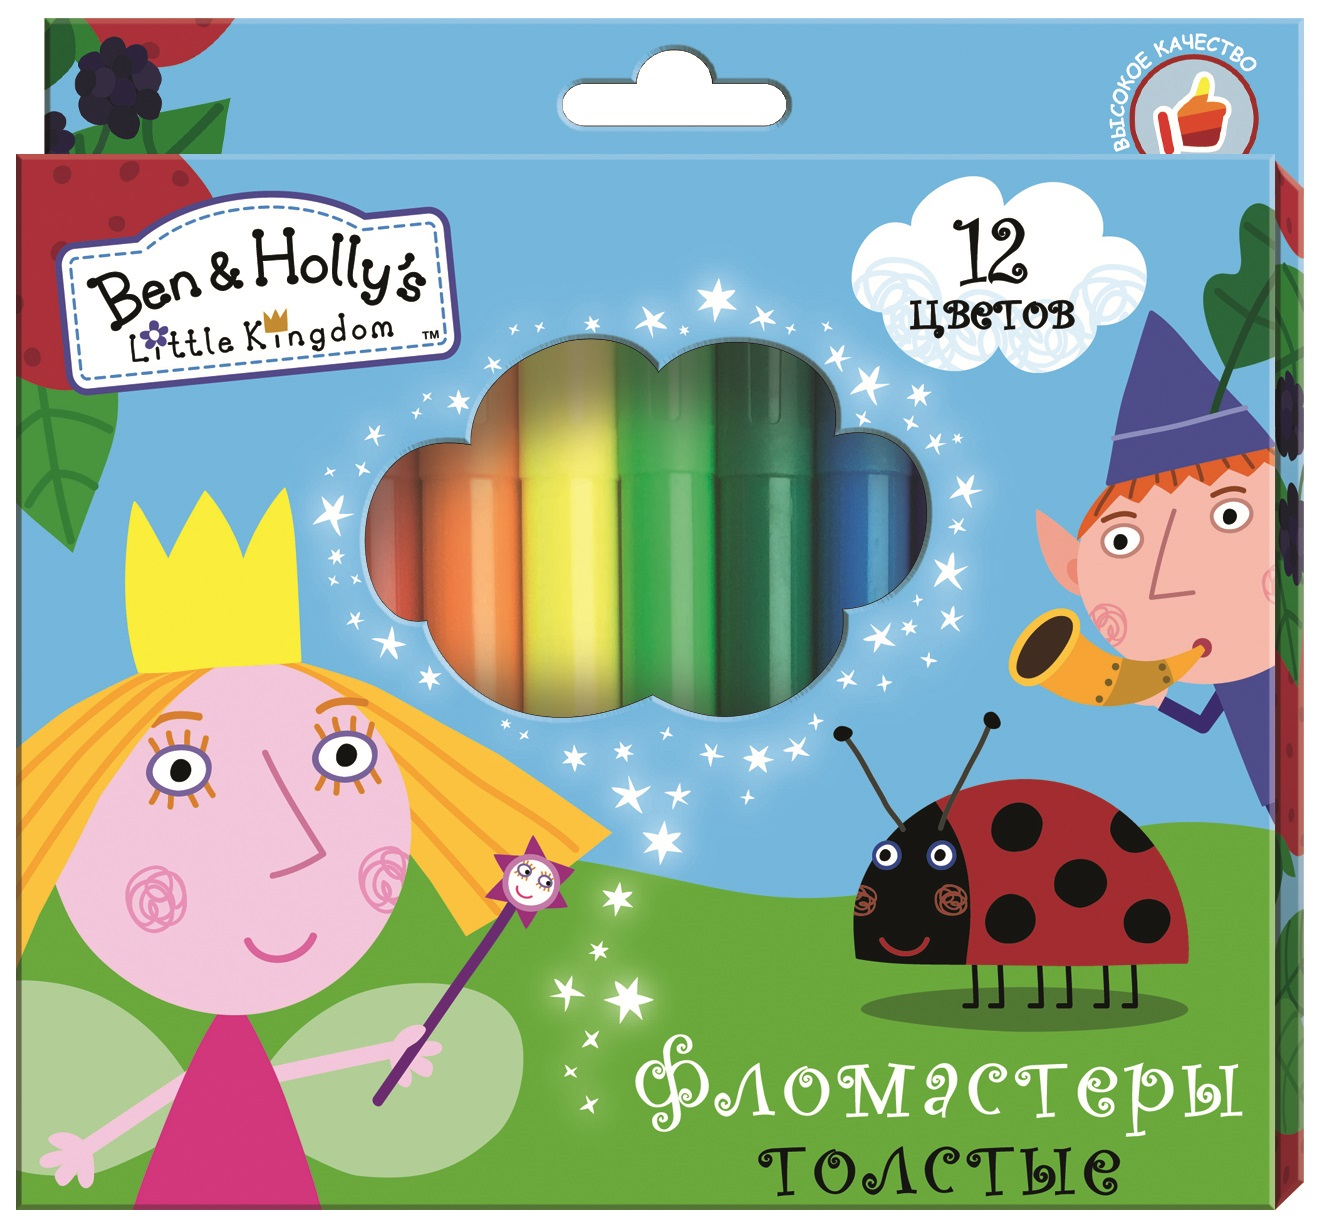 Ben&Holly Набор фломастеров Бен и Холли толстые 12 цветов -  Фломастеры